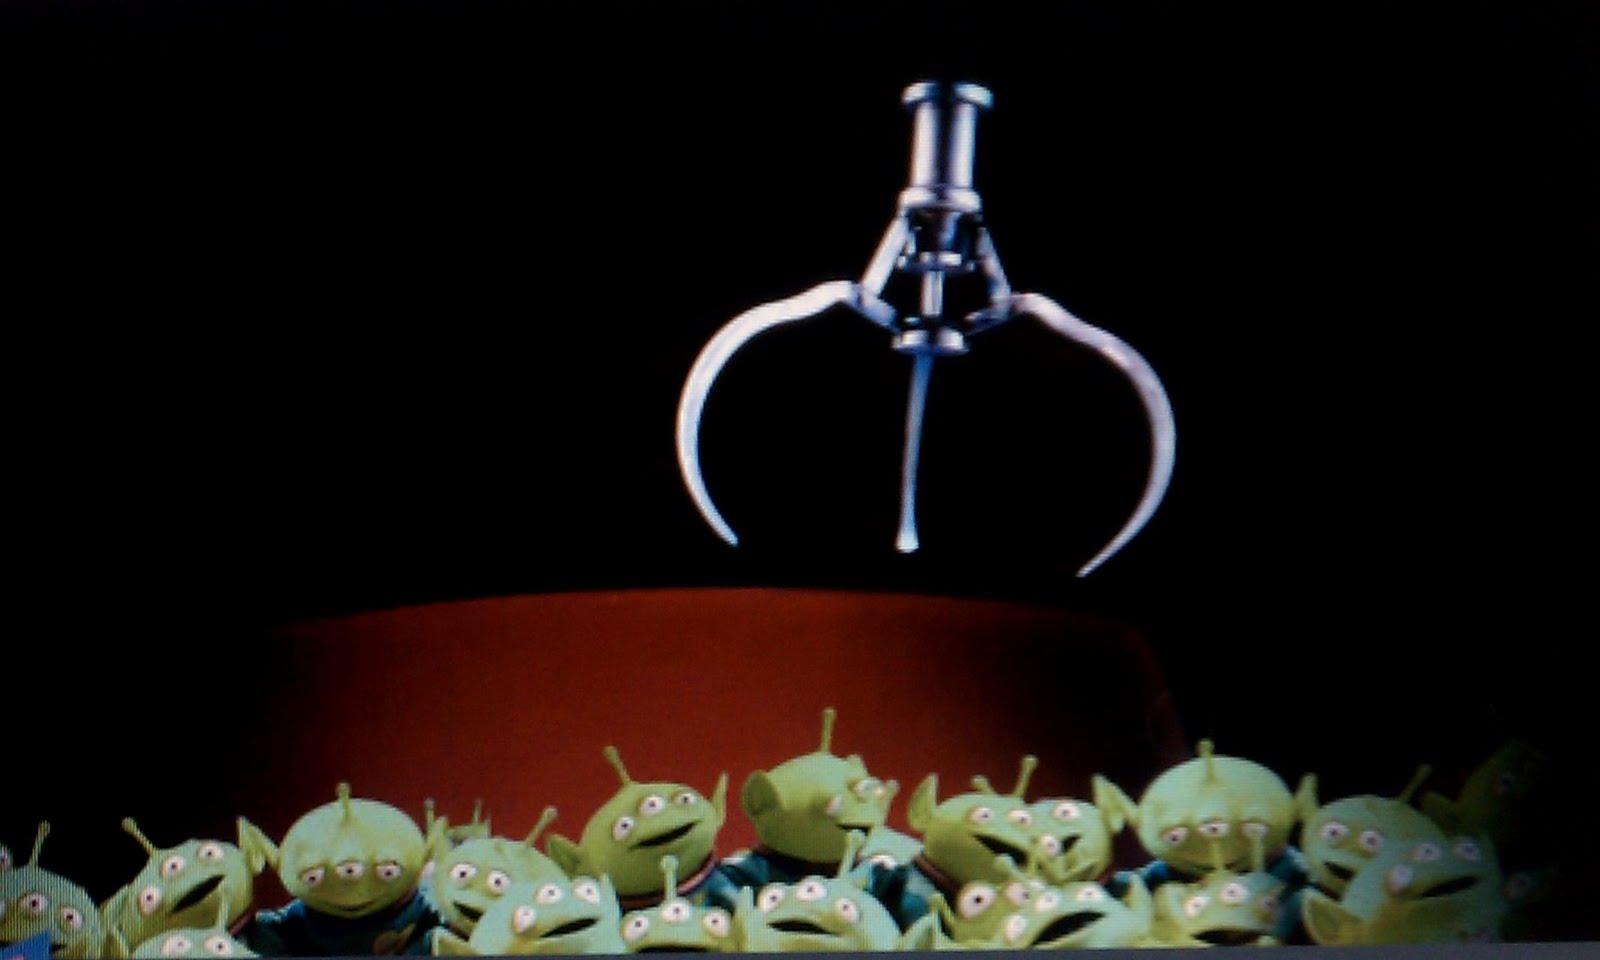 http://1.bp.blogspot.com/-S334lVJVDIA/Ta-89-WTFkI/AAAAAAAAAKw/Qbnqx7_Mz9o/s1600/claw.jpg